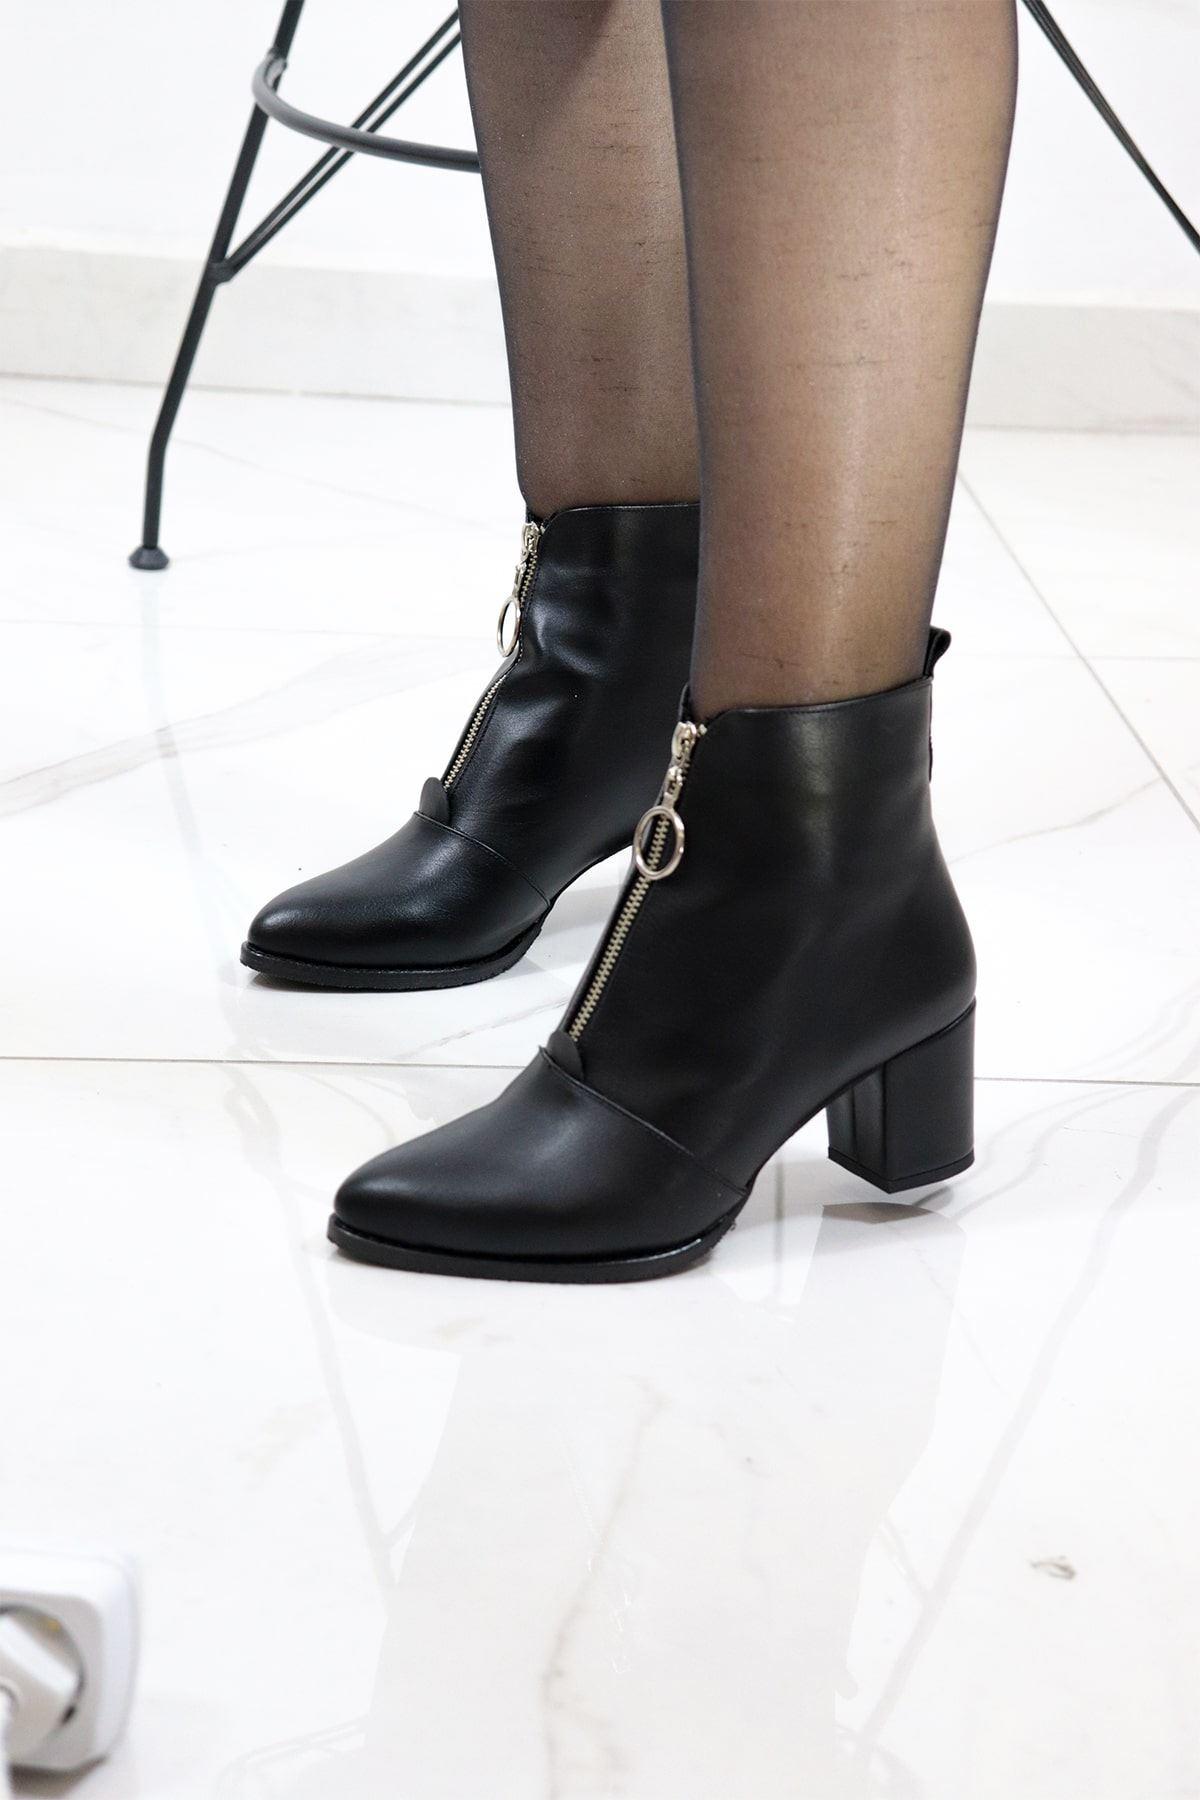 Trendayakkabı - Siyah Önü Fermuarlı Kadın Bot